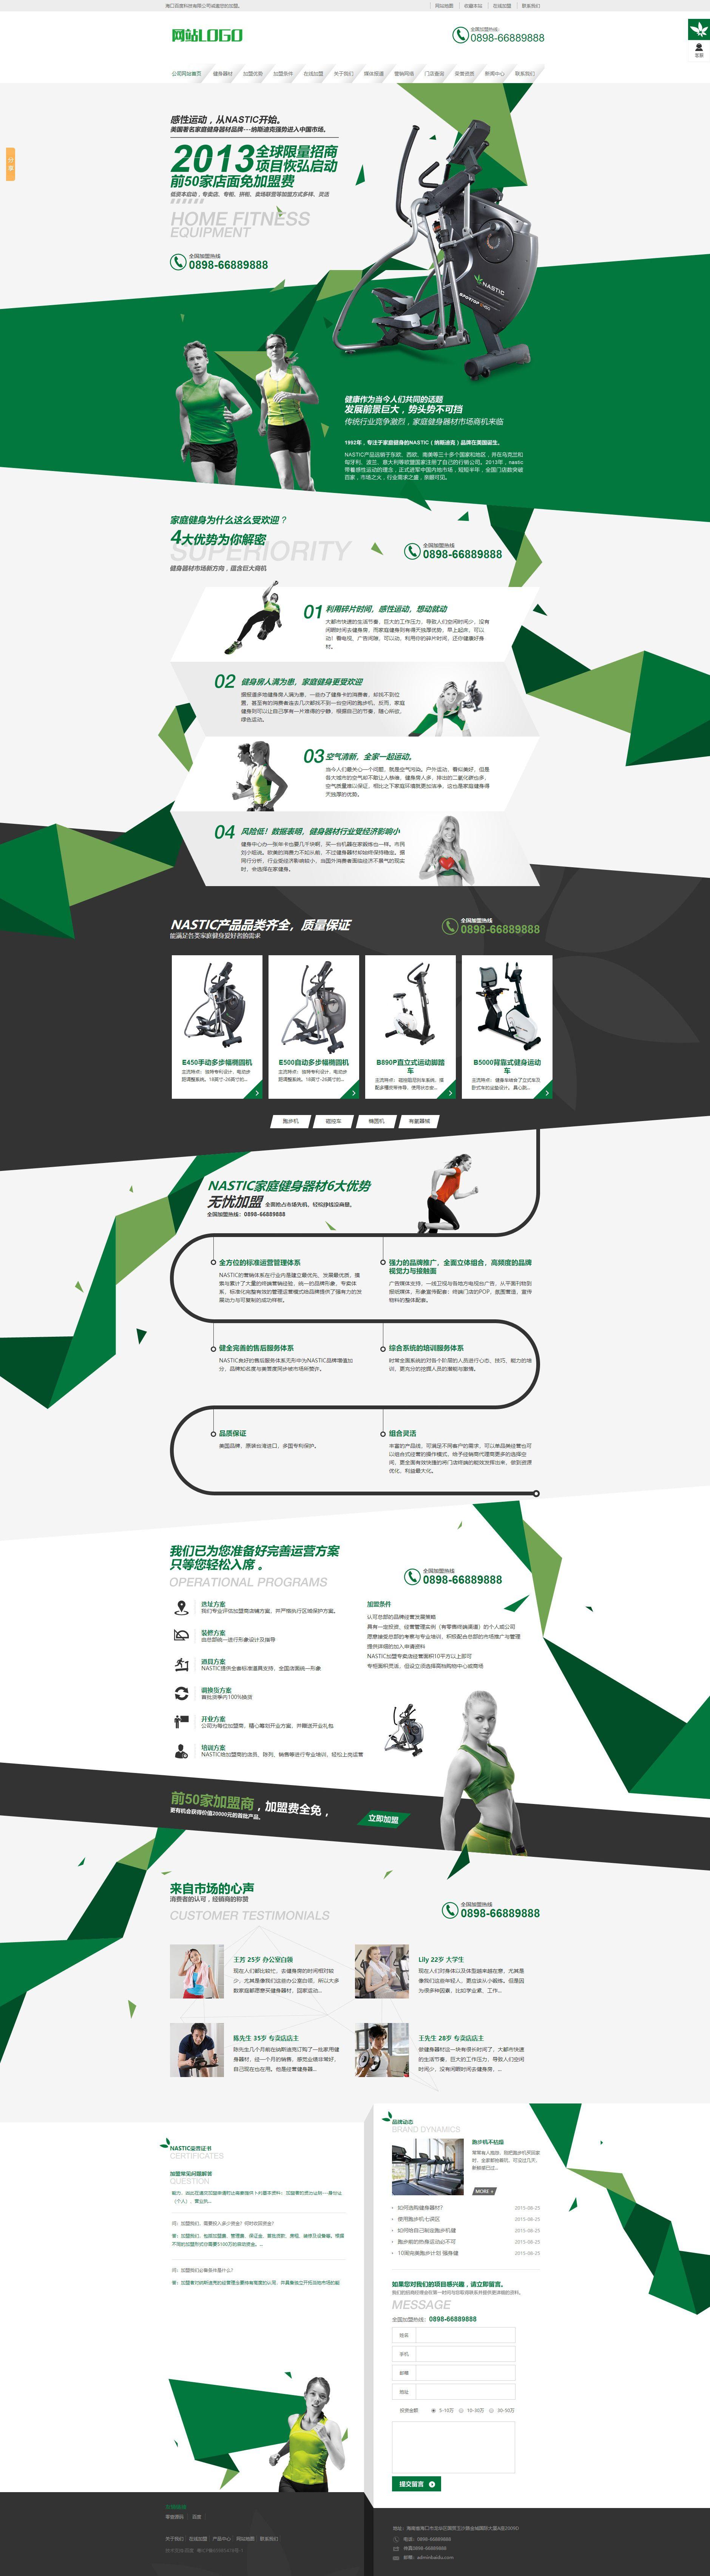 机械体育运动健身器材营销类企业网站织梦dedecms模板